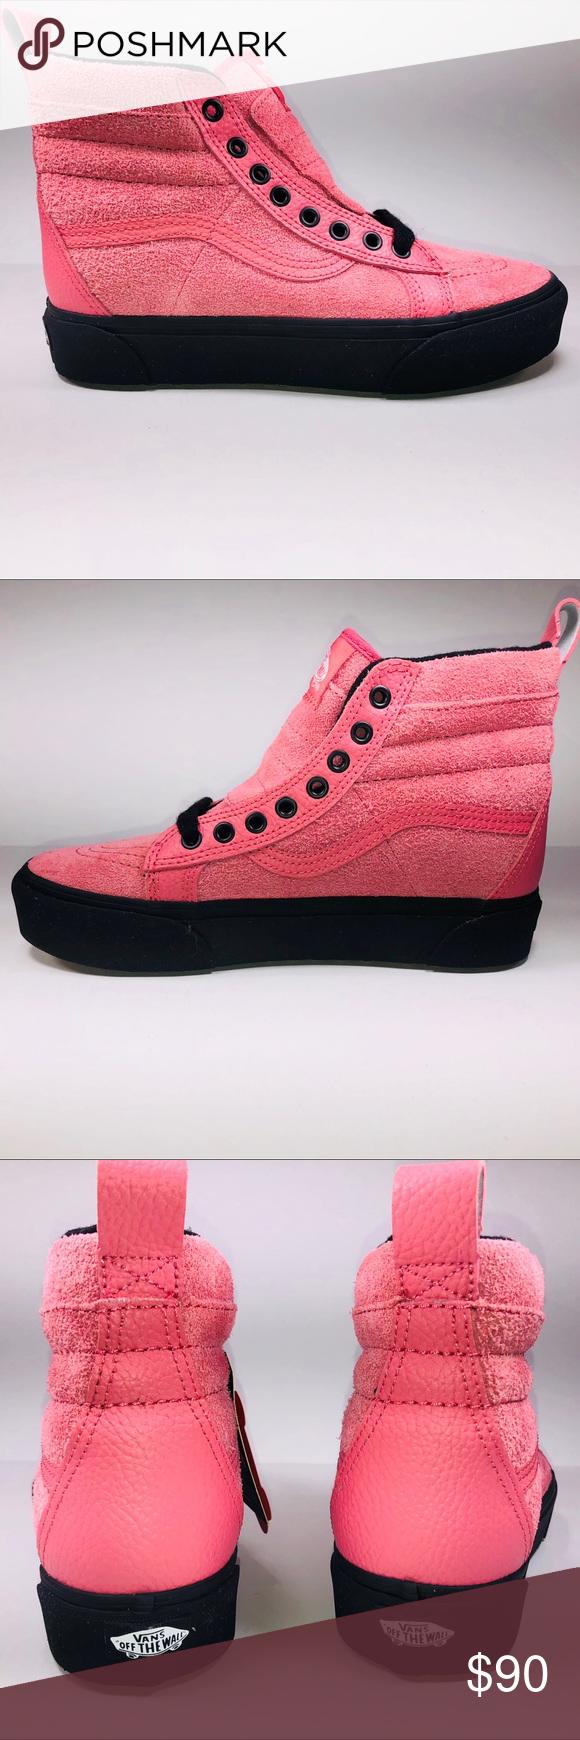 3a0306ddd41d VANS SK8 Hi Platform MTE Desert Rose Black Sneaker New With Damaged Box  Missing Lid See